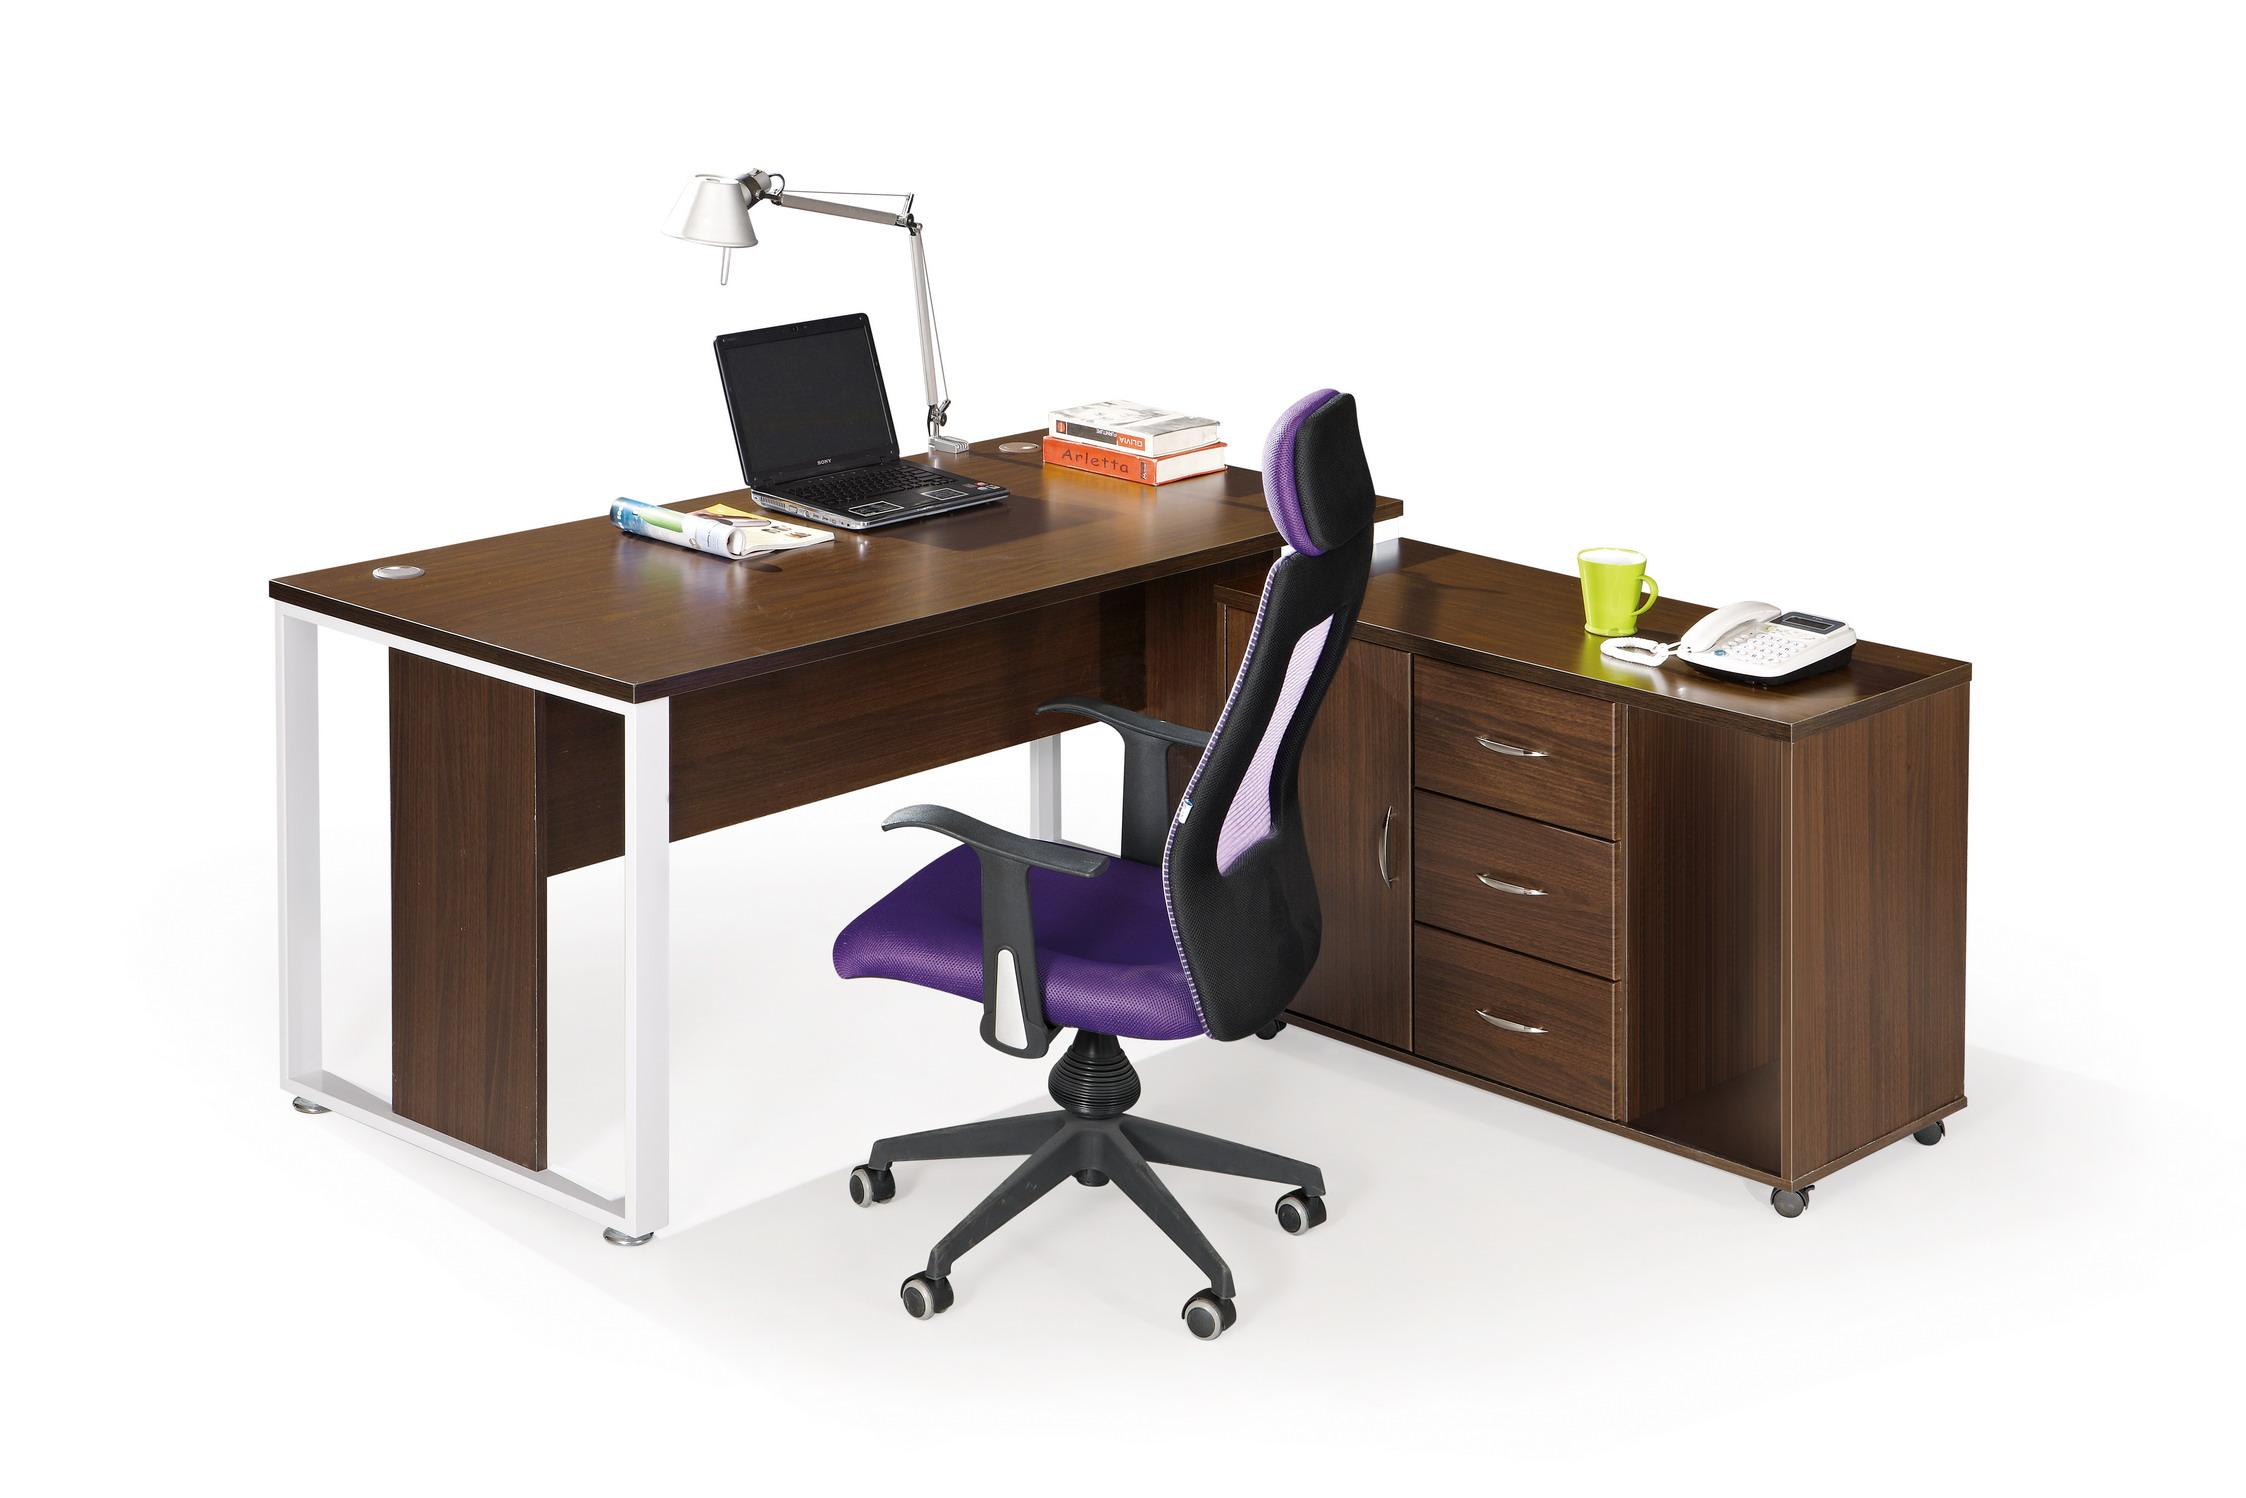 Escritorio en l para su oficina u hogar modelo bg 68 1600 for Escritorio de oficina precio